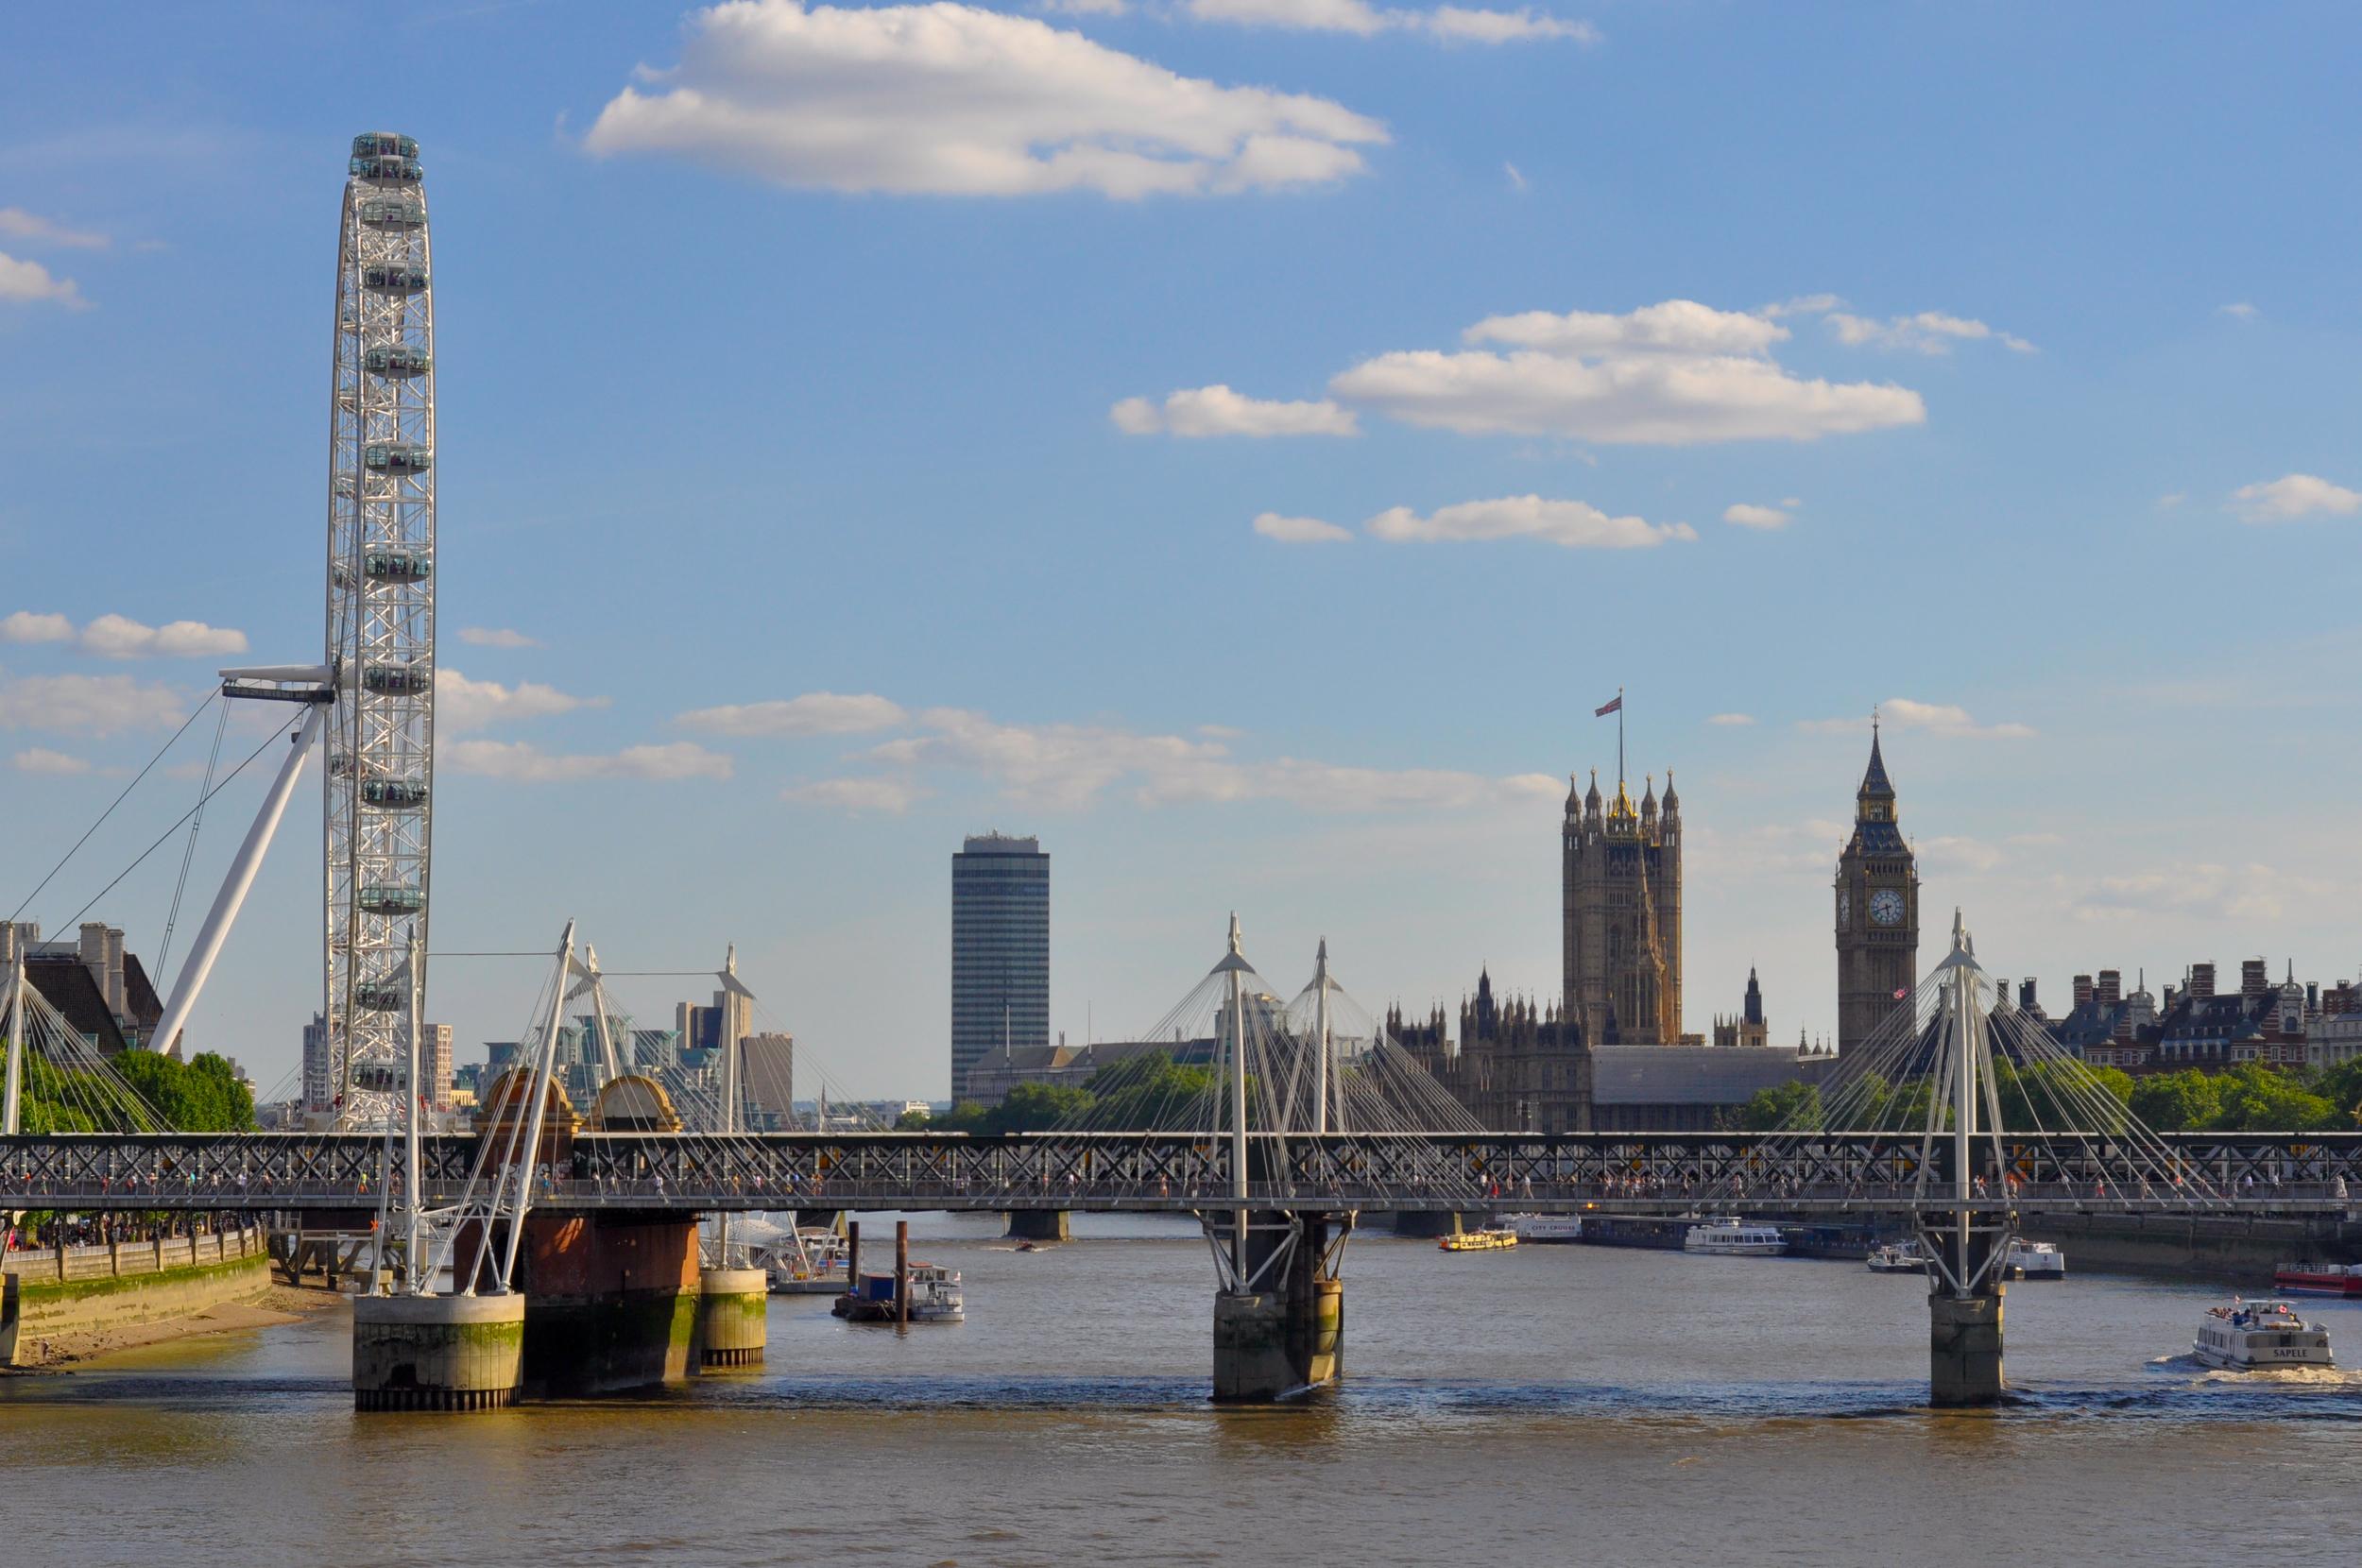 Vermeer_TheVermeerJump_London_7420.jpg